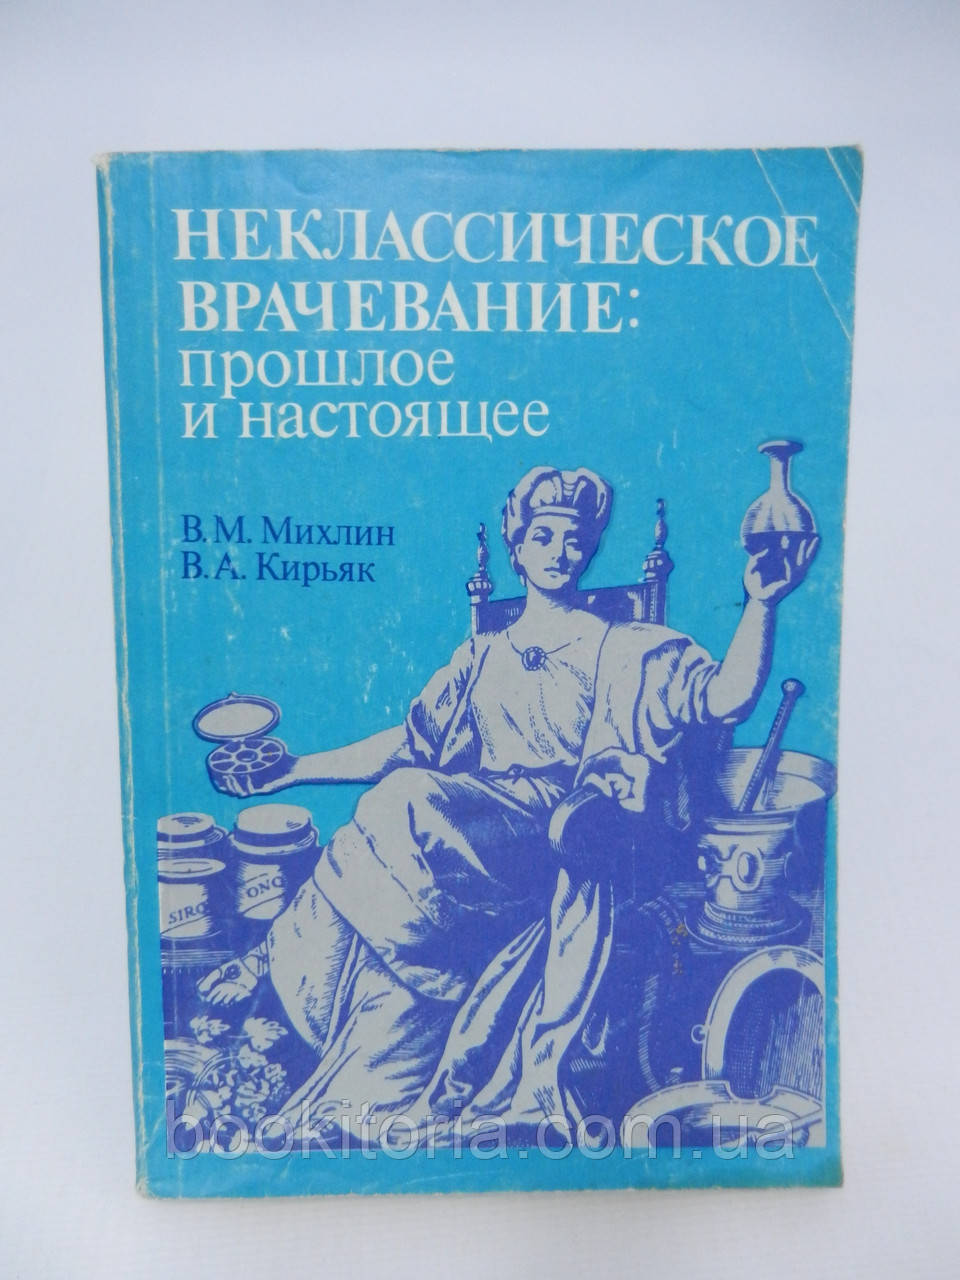 Михлин В.М., Кирьяк В.А. Неклассическое врачевание. Прошлое и настоящее (б/у).